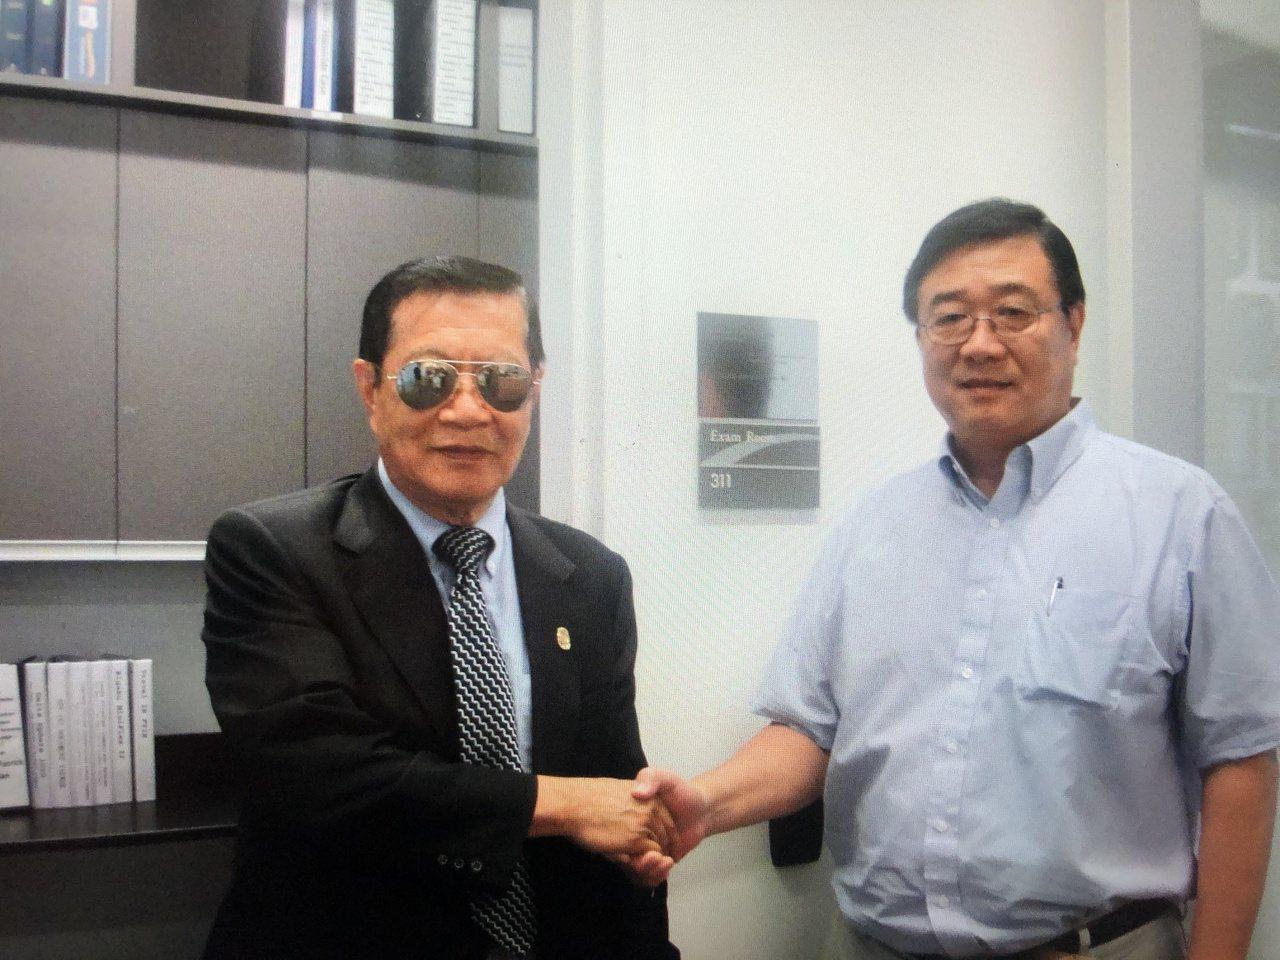 柯約瑟(右)與刑事鑑識專家李昌鈺博士私交甚篤。 圖/柯約瑟提供